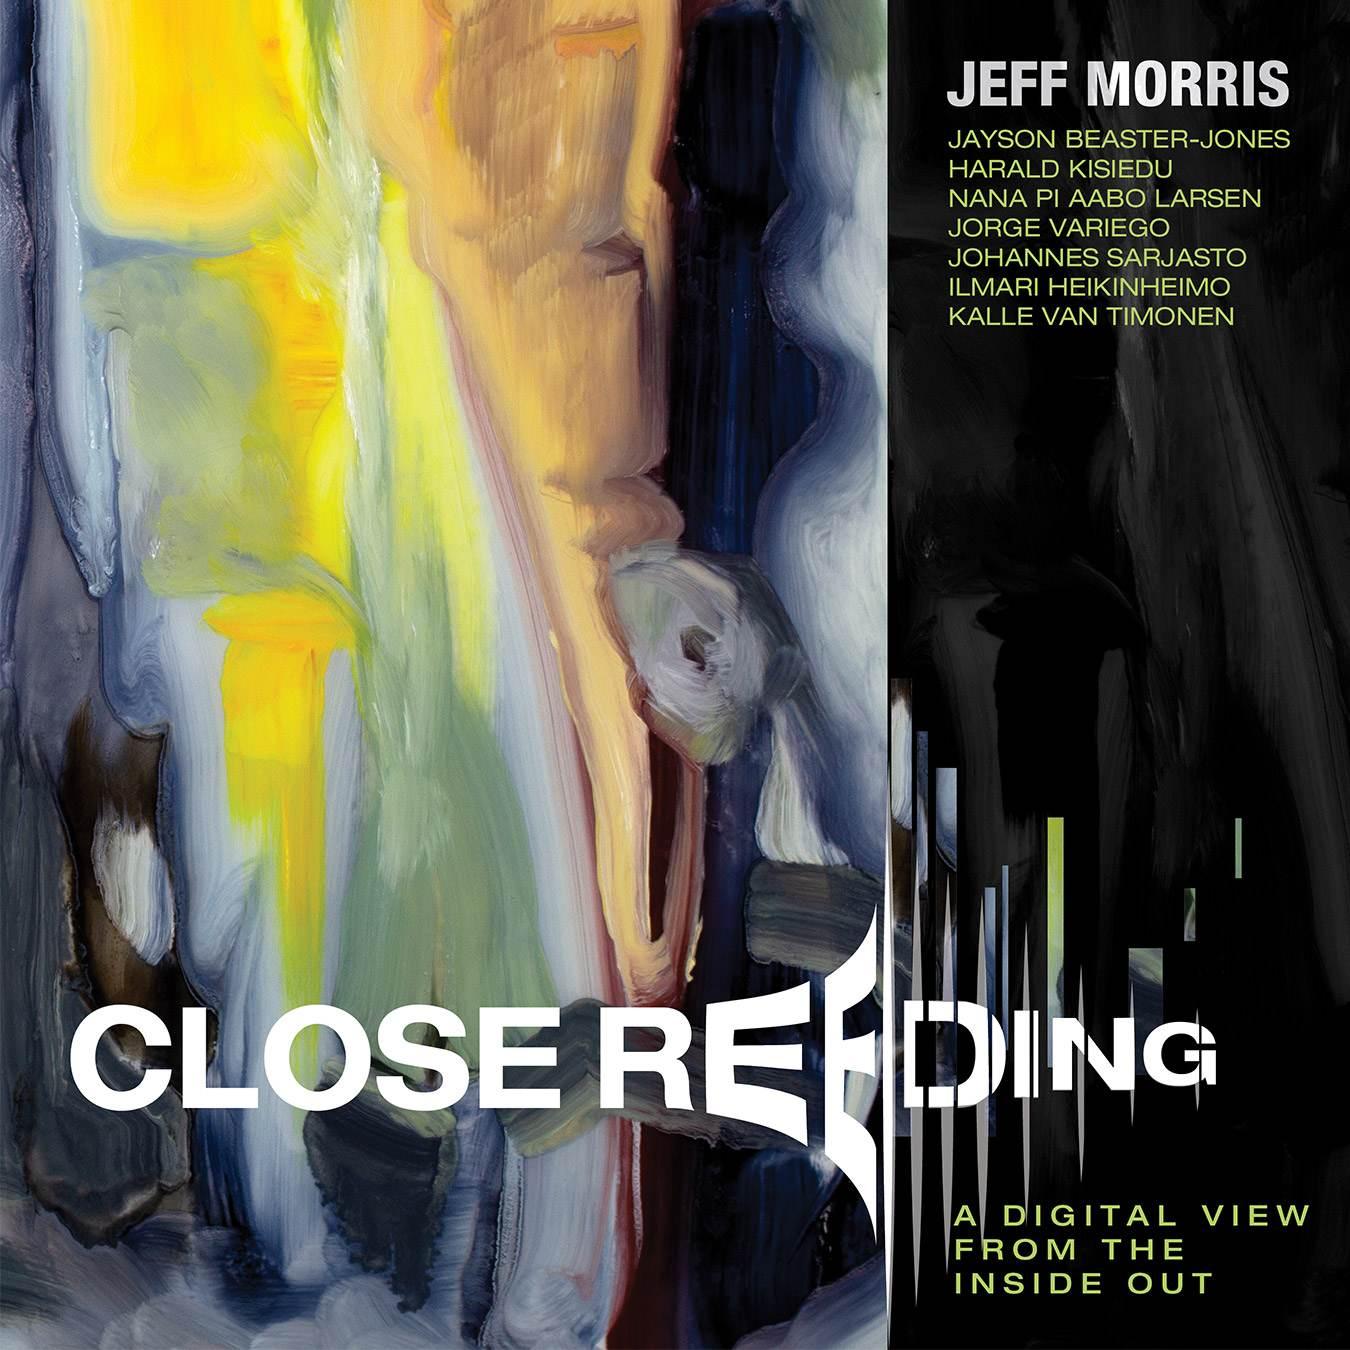 Close Reeding-Jeff Morris - Album Cover